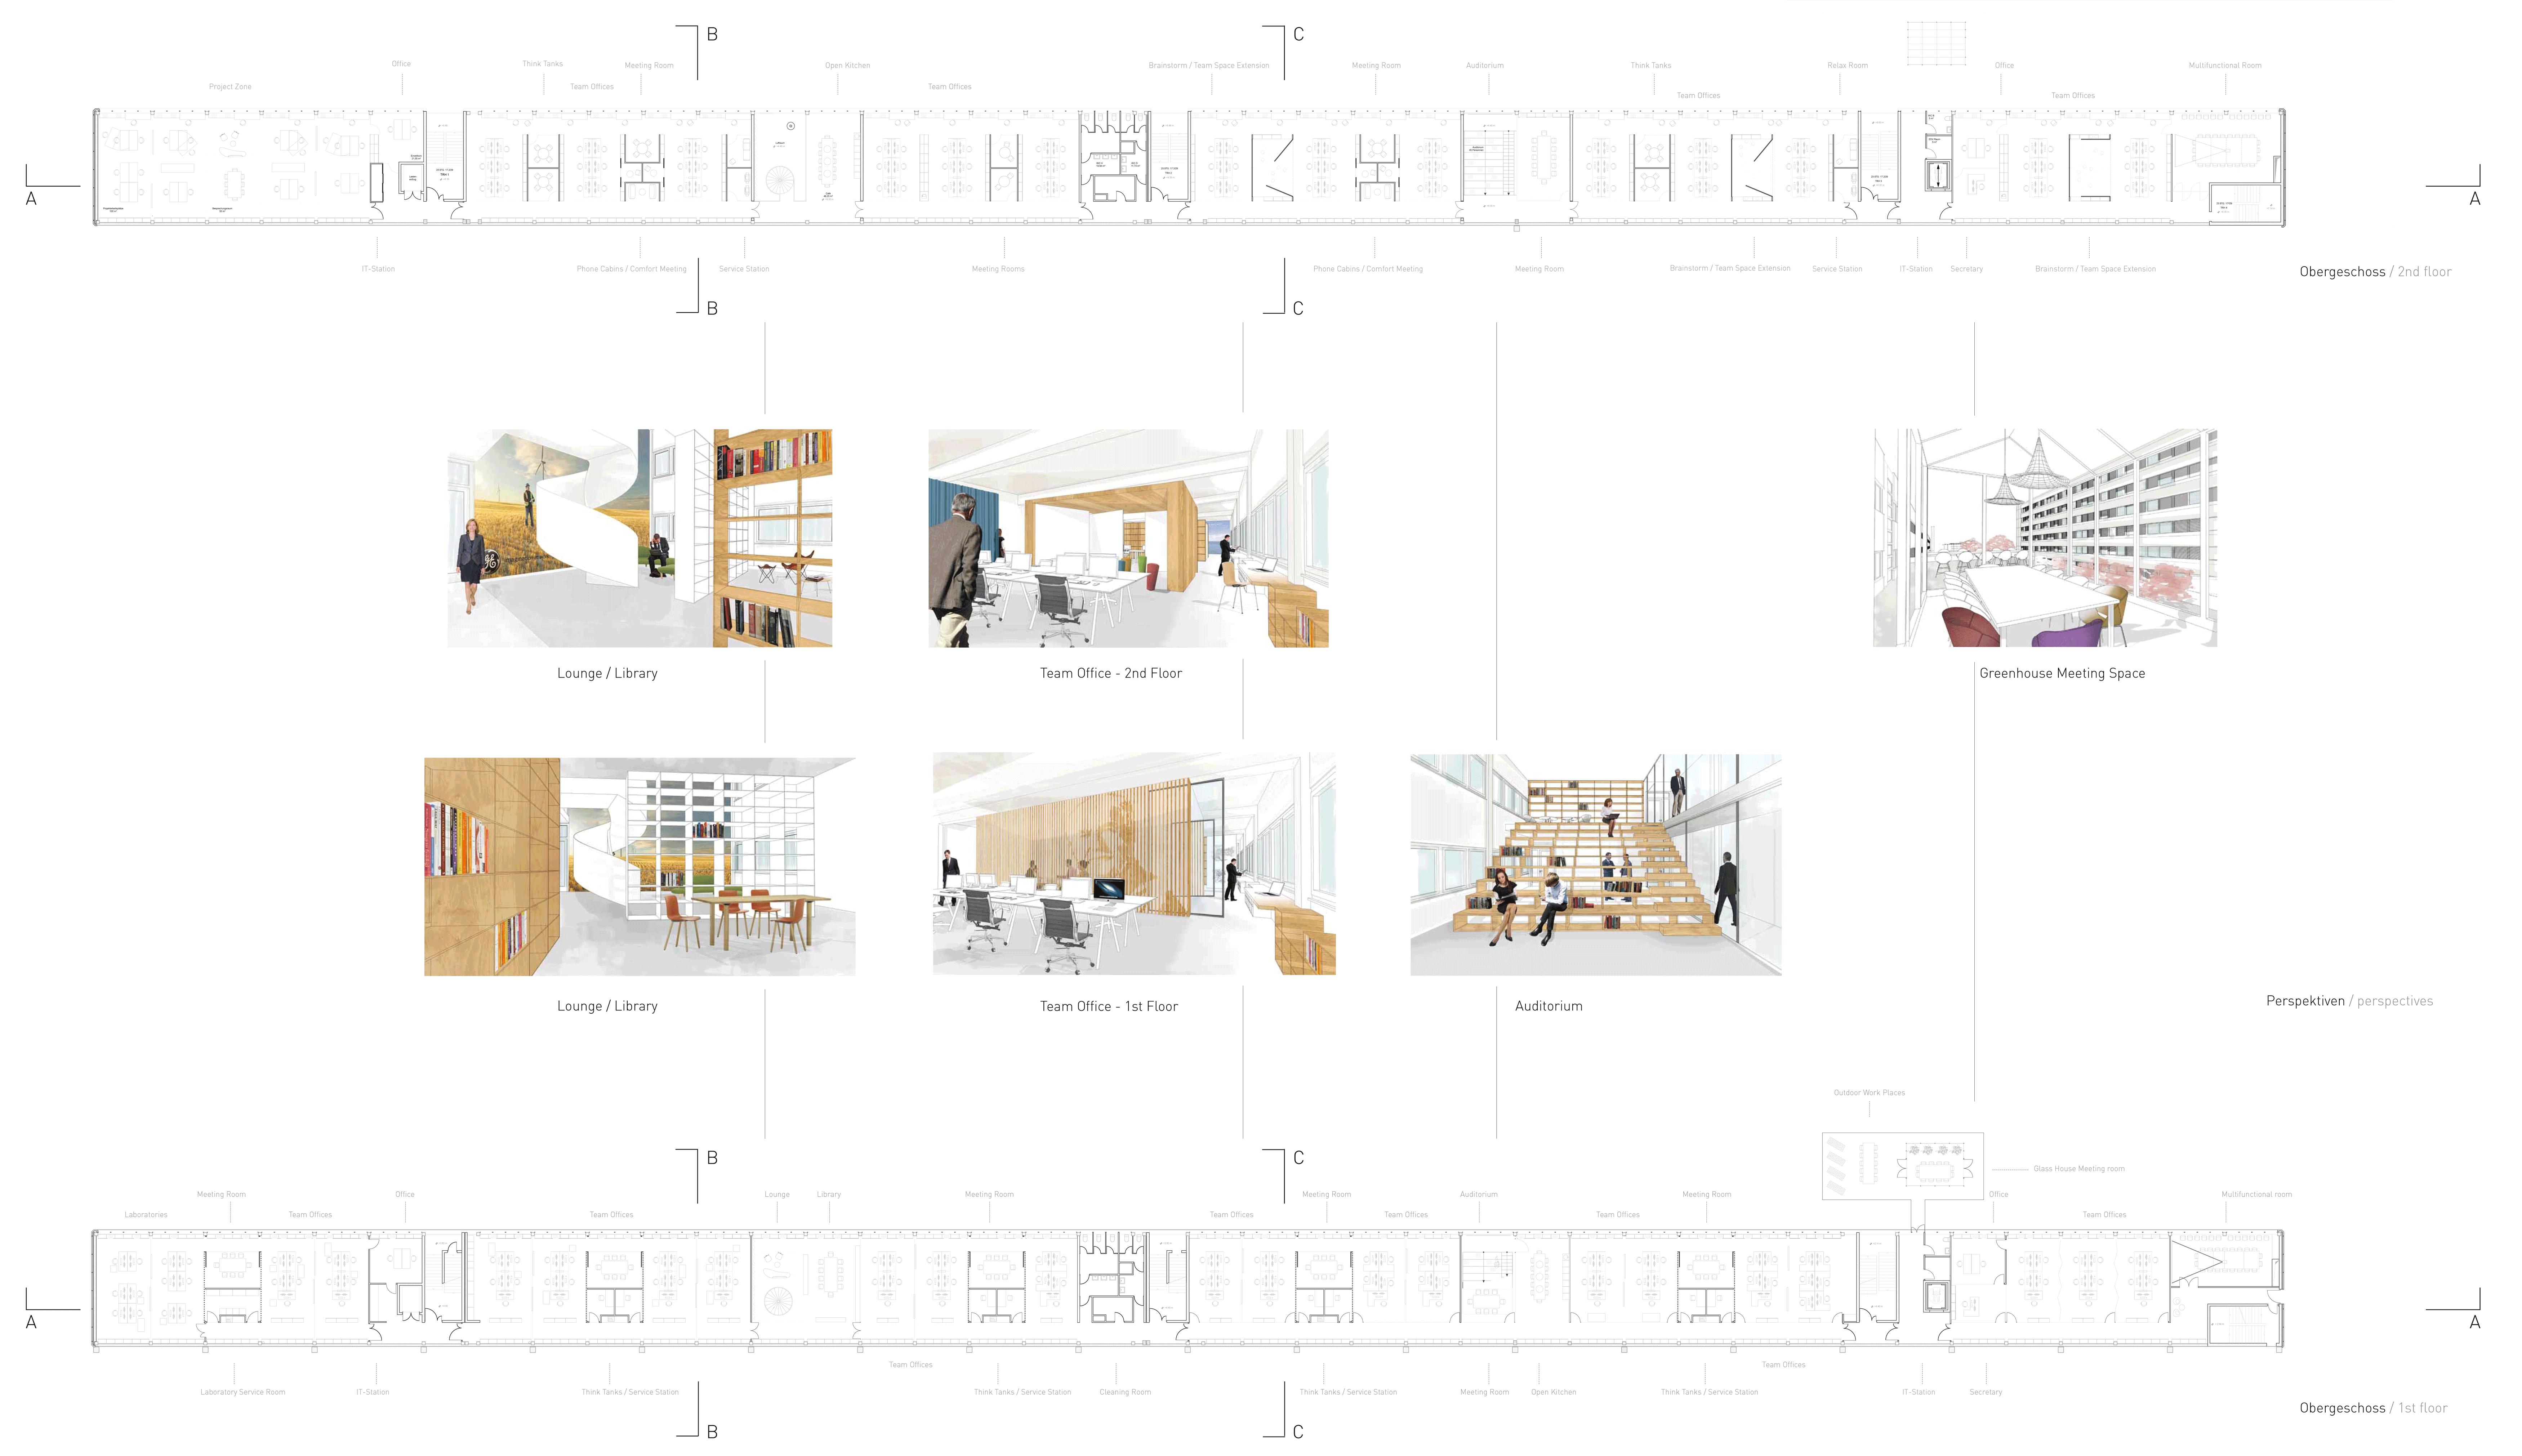 Darstellungen-Zur-Kopfbau-Entwurfsplanung-1